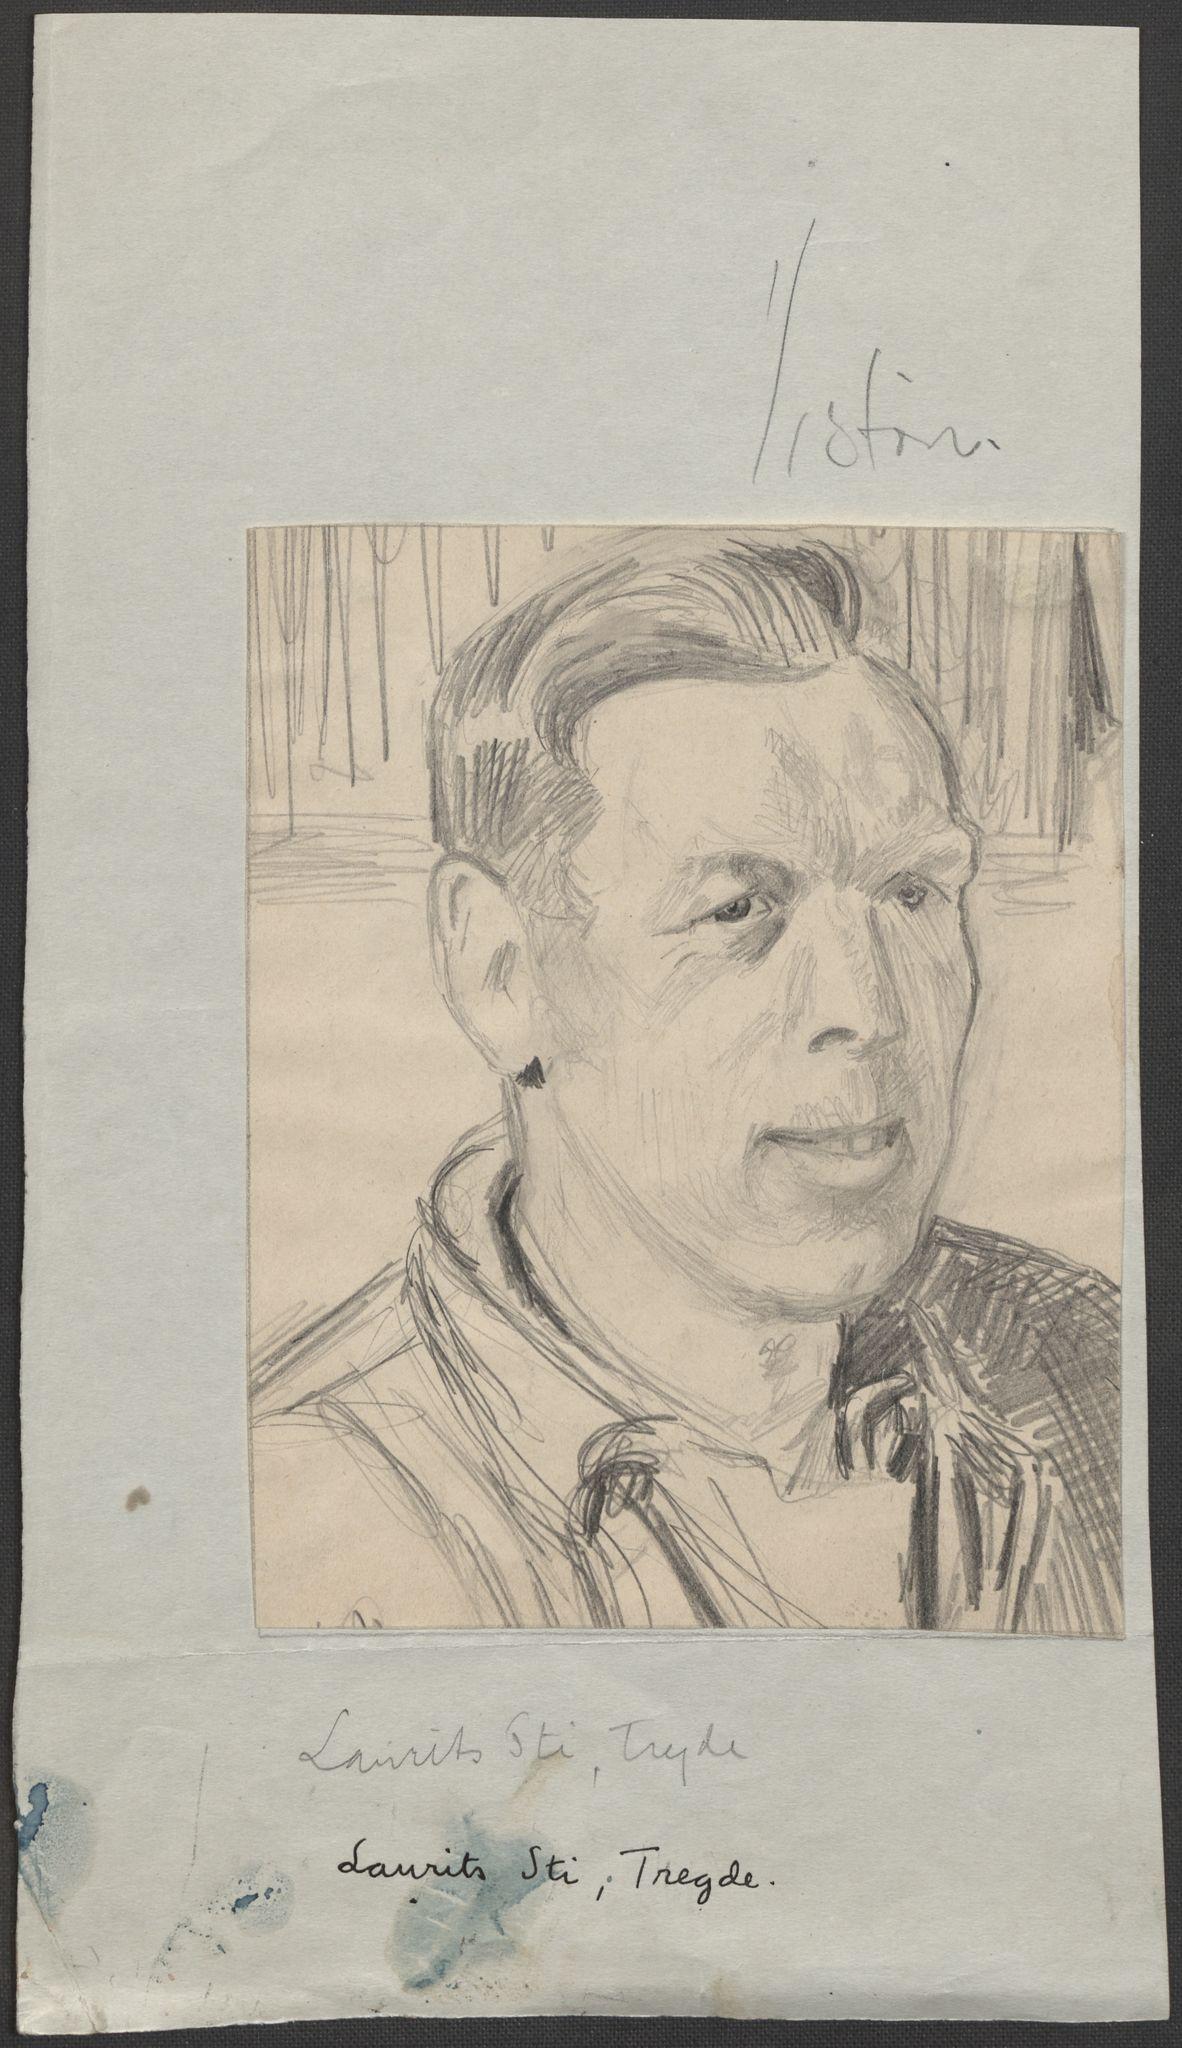 RA, Grøgaard, Joachim, F/L0002: Tegninger og tekster, 1942-1945, s. 91